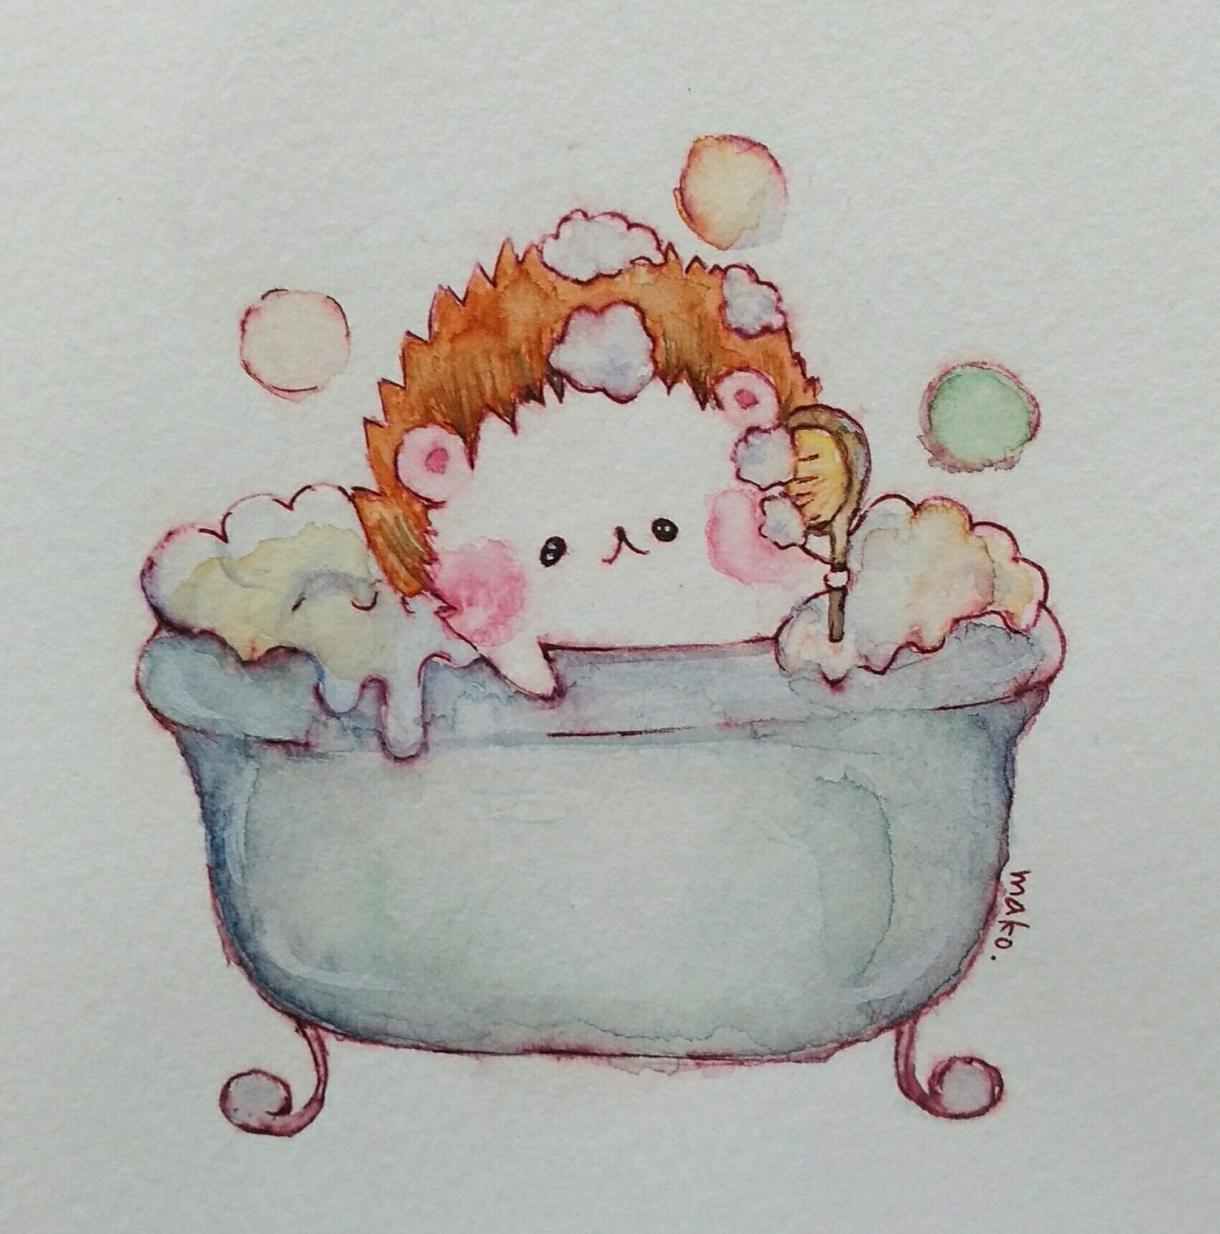 アナログで可愛い動物アイコンお描きします 水彩で可愛い動物イラストアナログでお描きます。